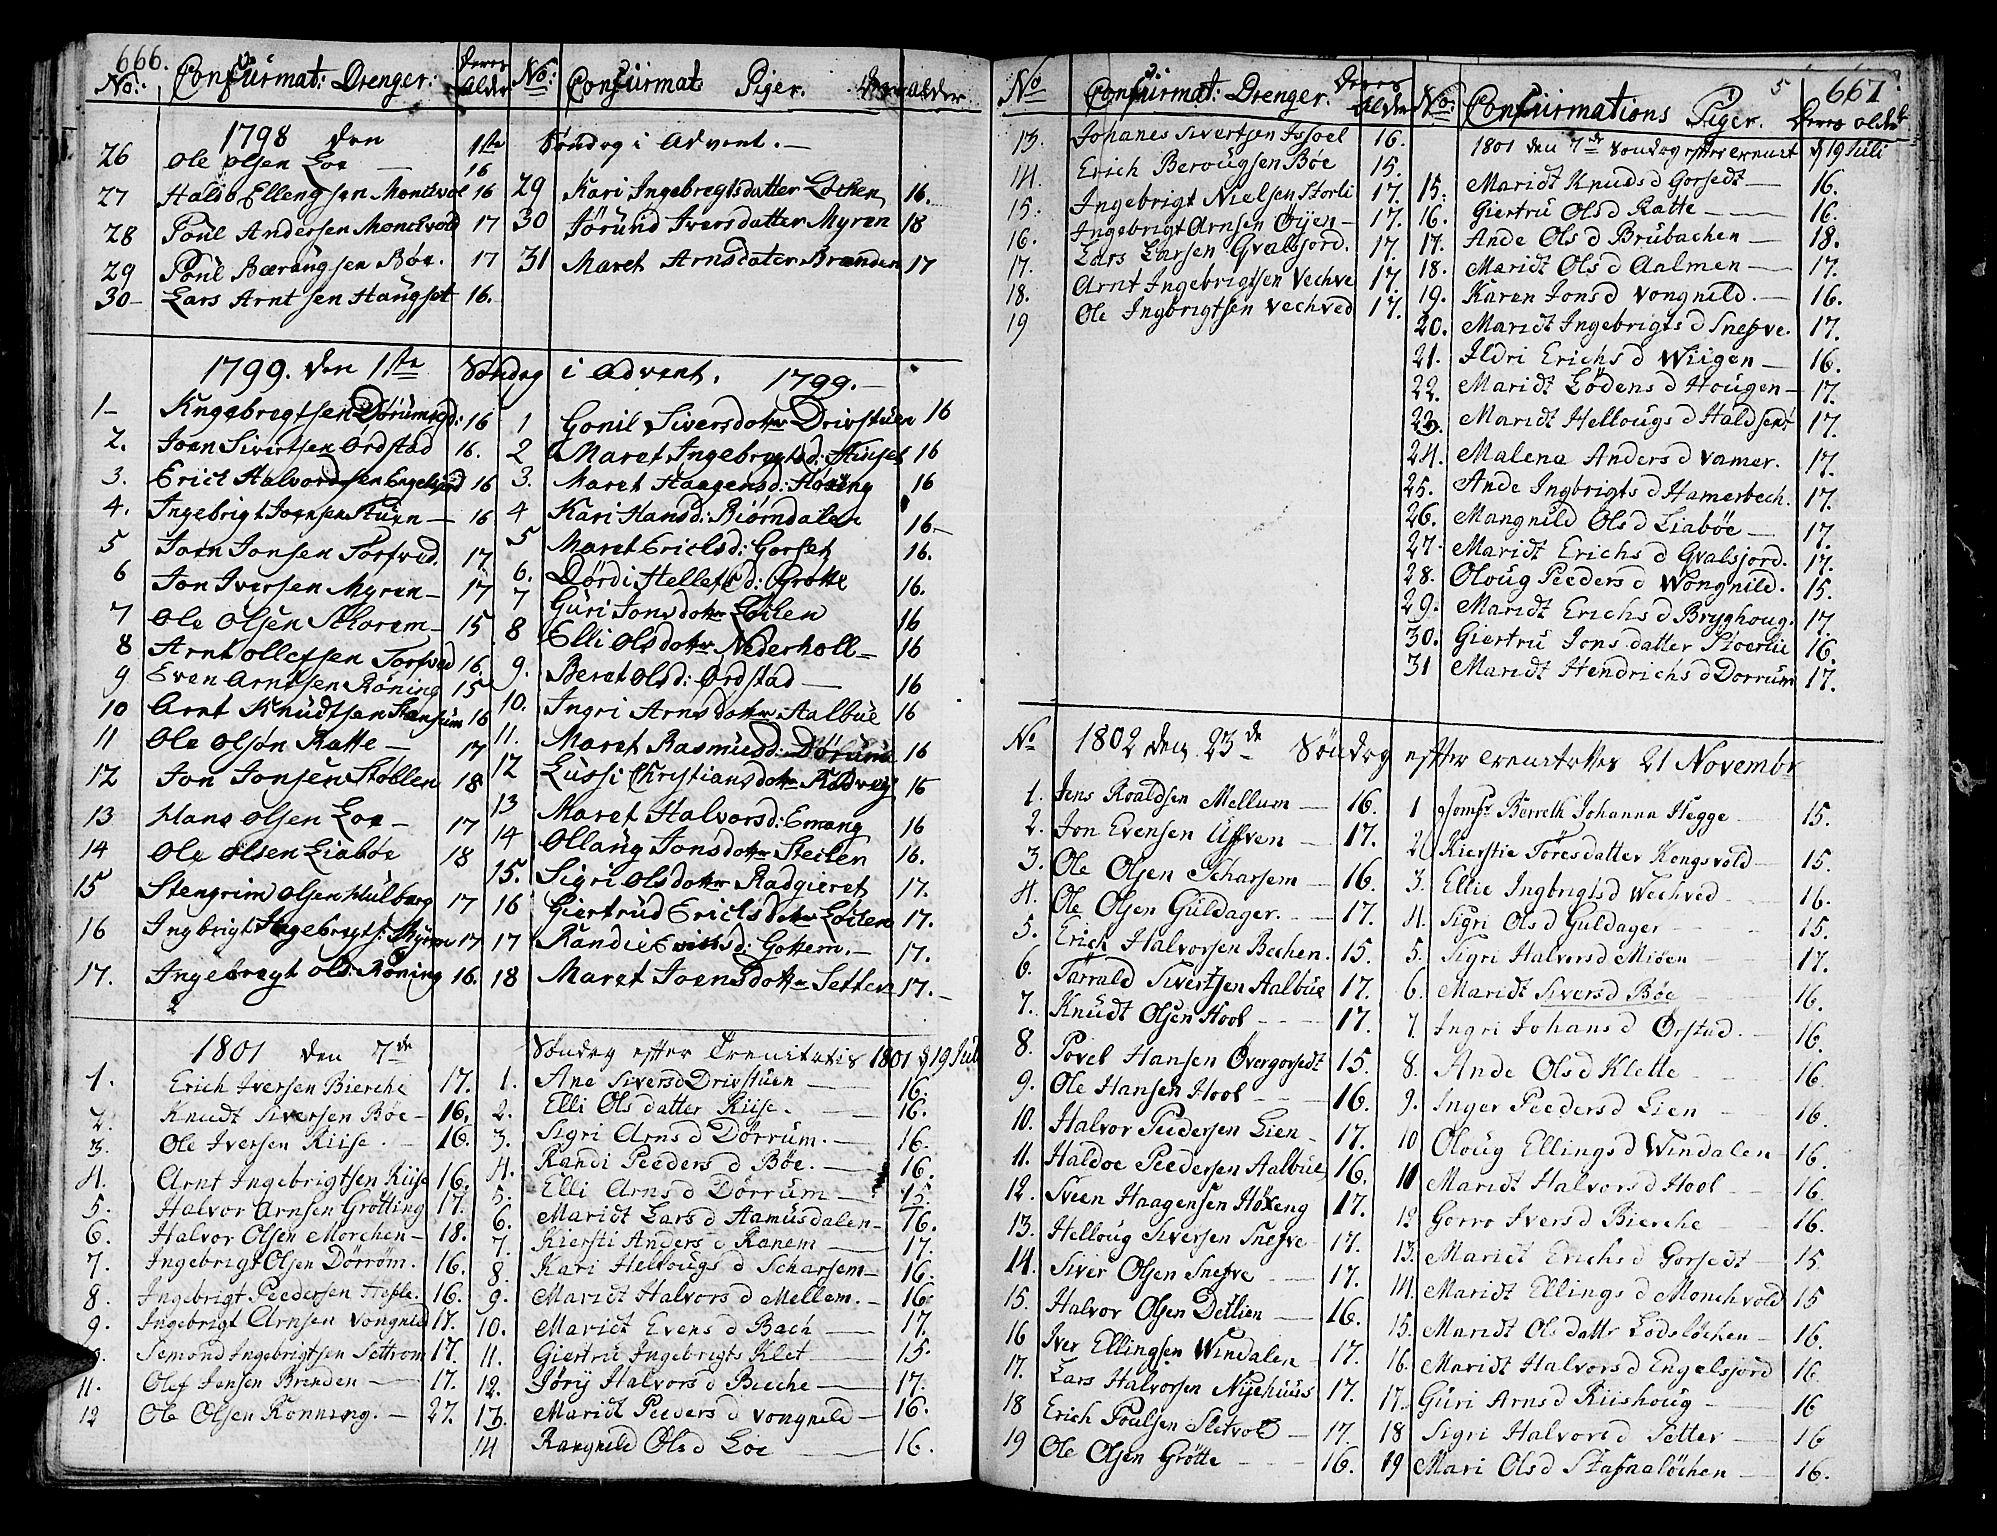 SAT, Ministerialprotokoller, klokkerbøker og fødselsregistre - Sør-Trøndelag, 678/L0893: Ministerialbok nr. 678A03, 1792-1805, s. 666-667